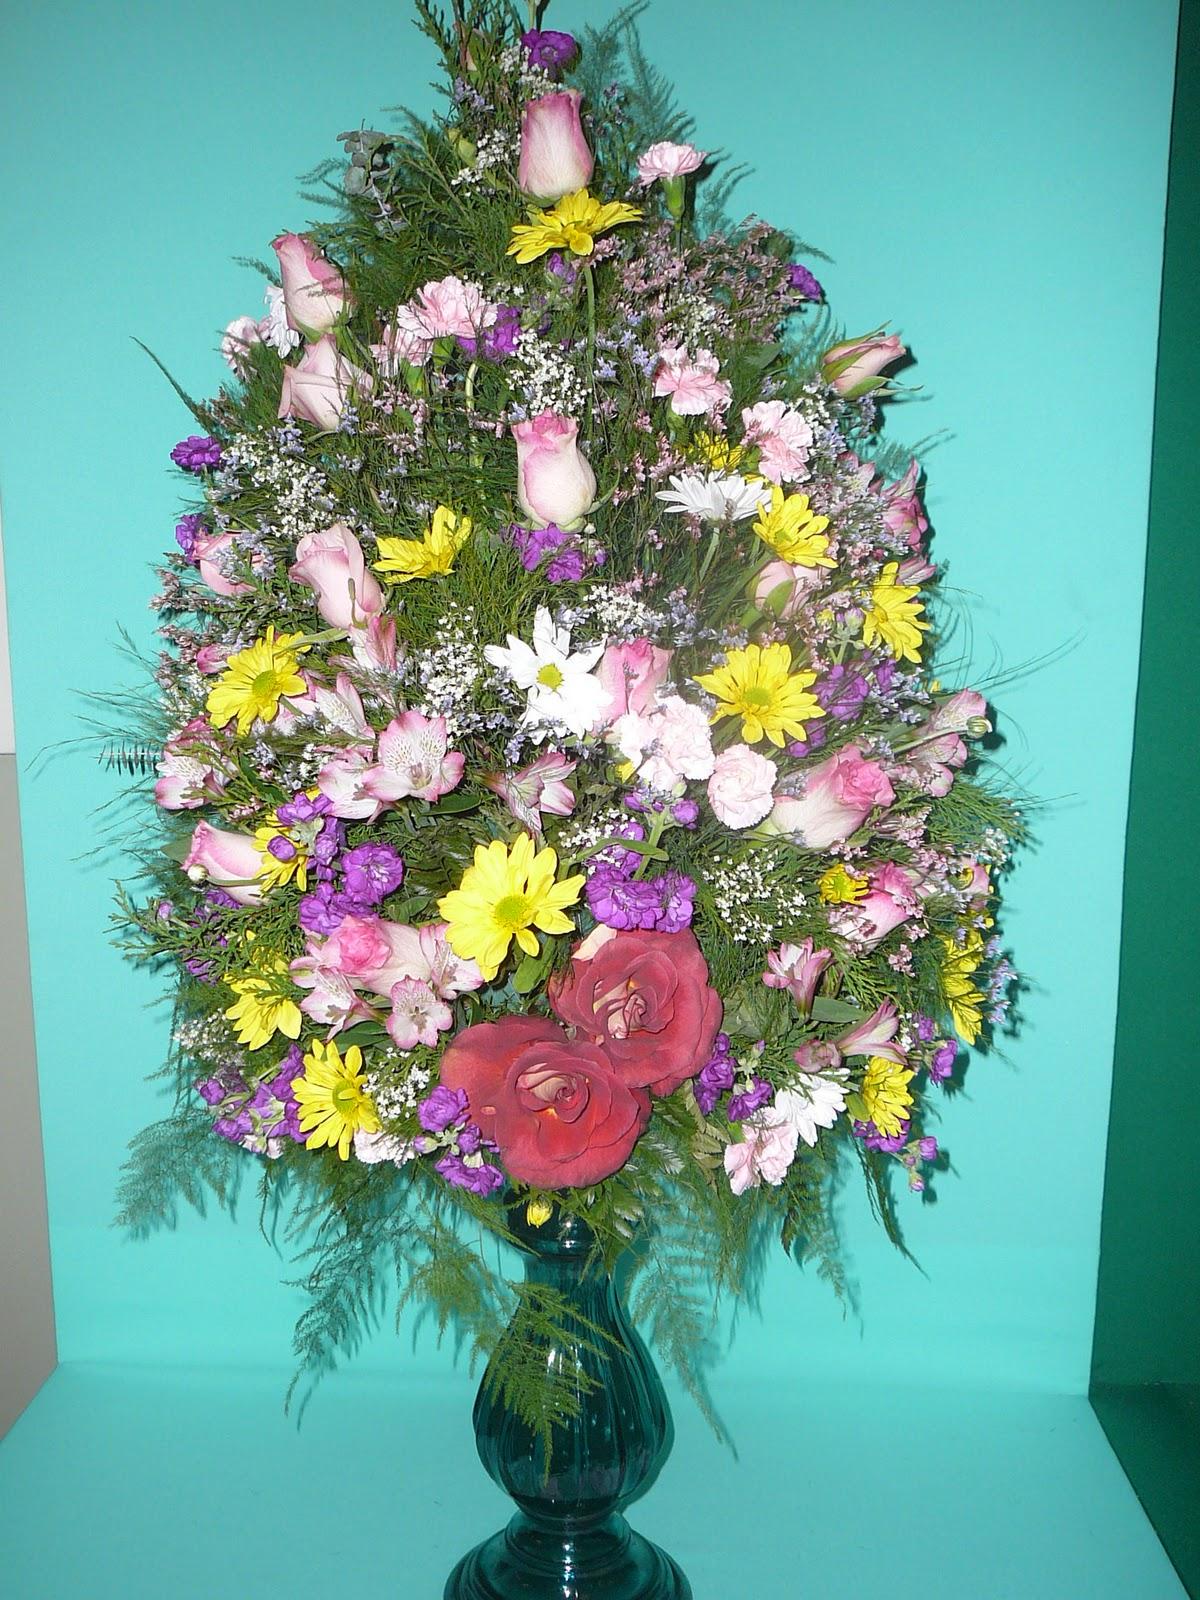 Arreglos florales creativos arreglo tradicional americano de masa - Arreglos florales creativos ...